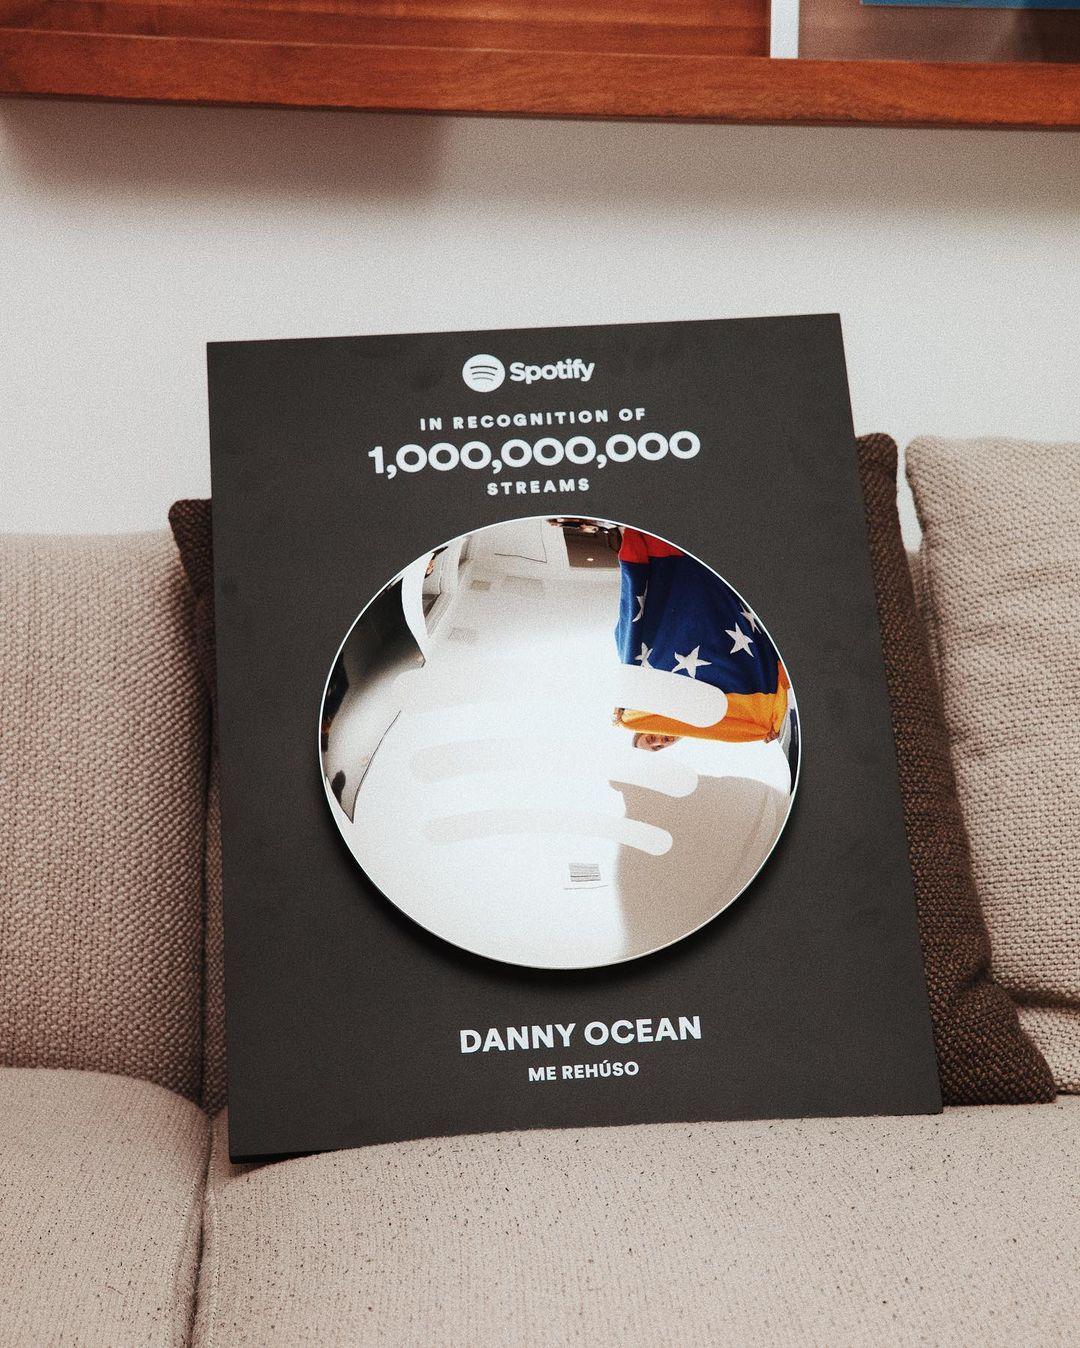 """1 billón de reproducciones en Spotify, Danny Ocean Lo logró con """"Me Rehúso!"""